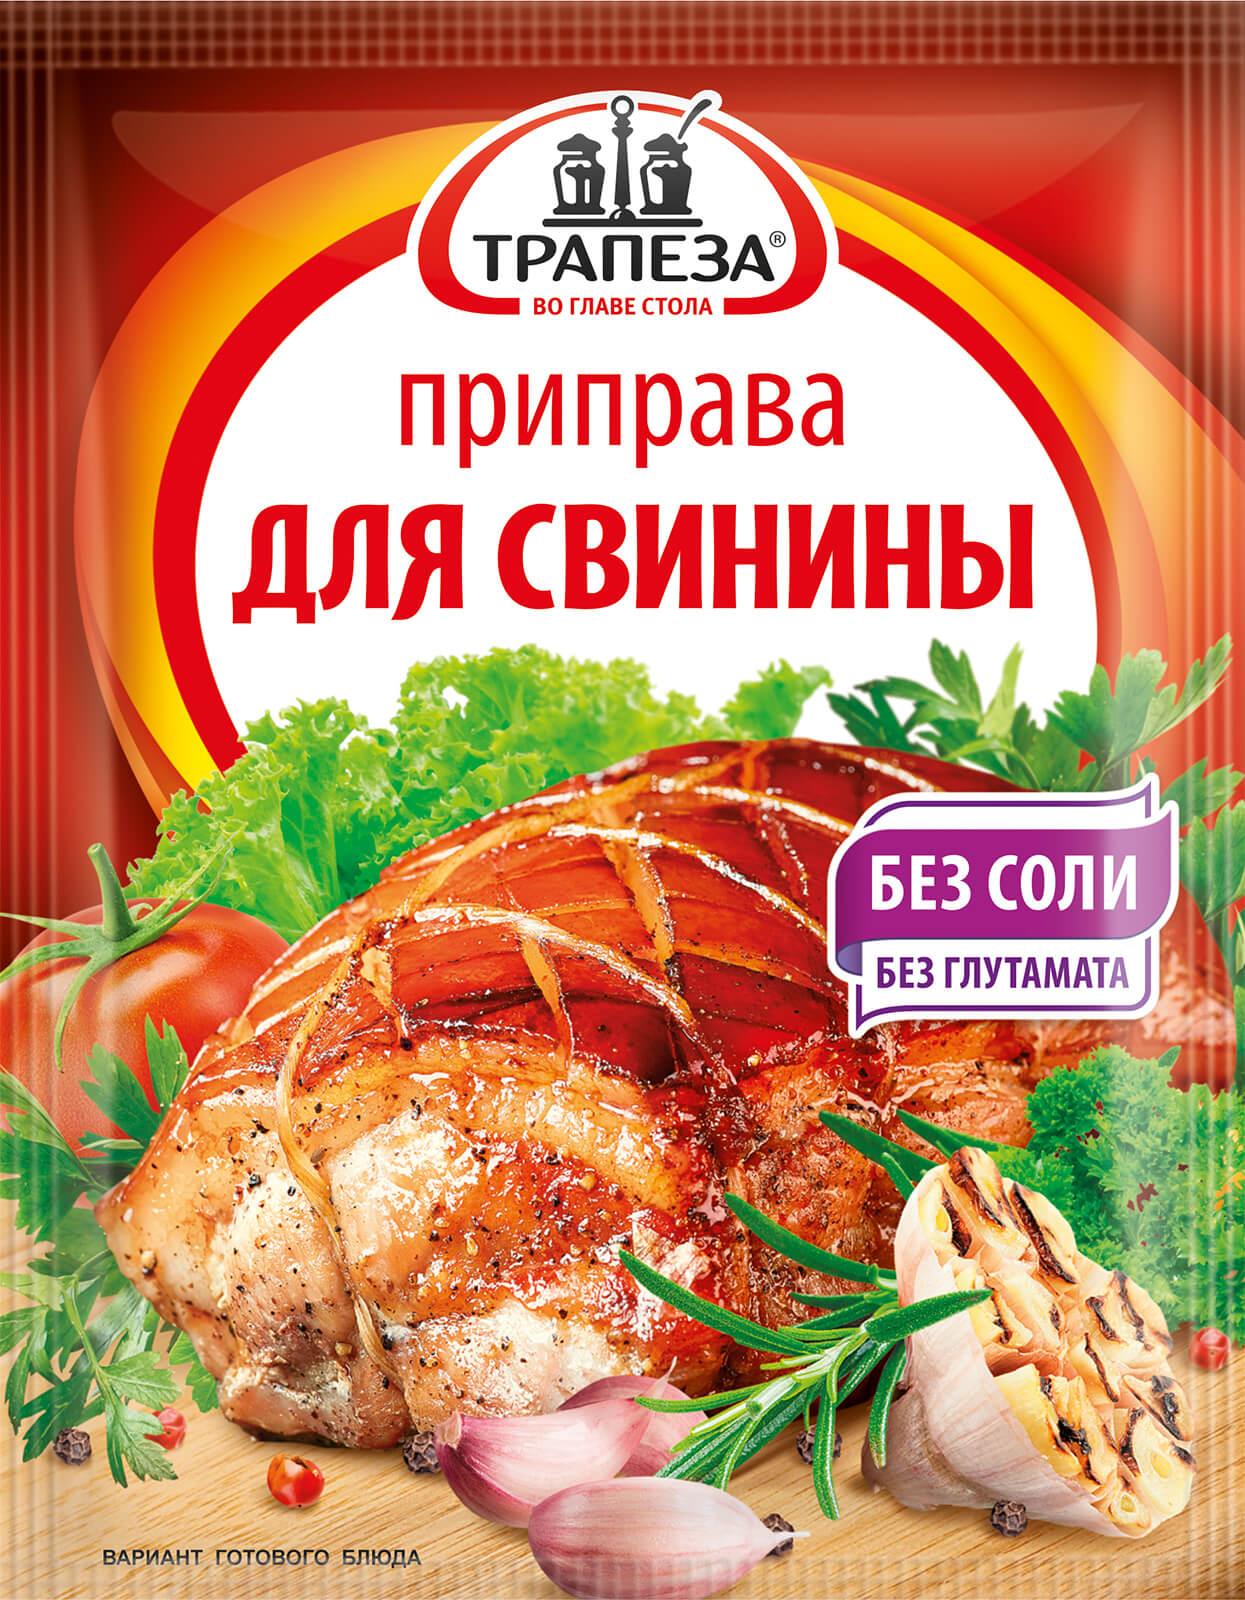 Приправа для свинины Трапеза 15г.